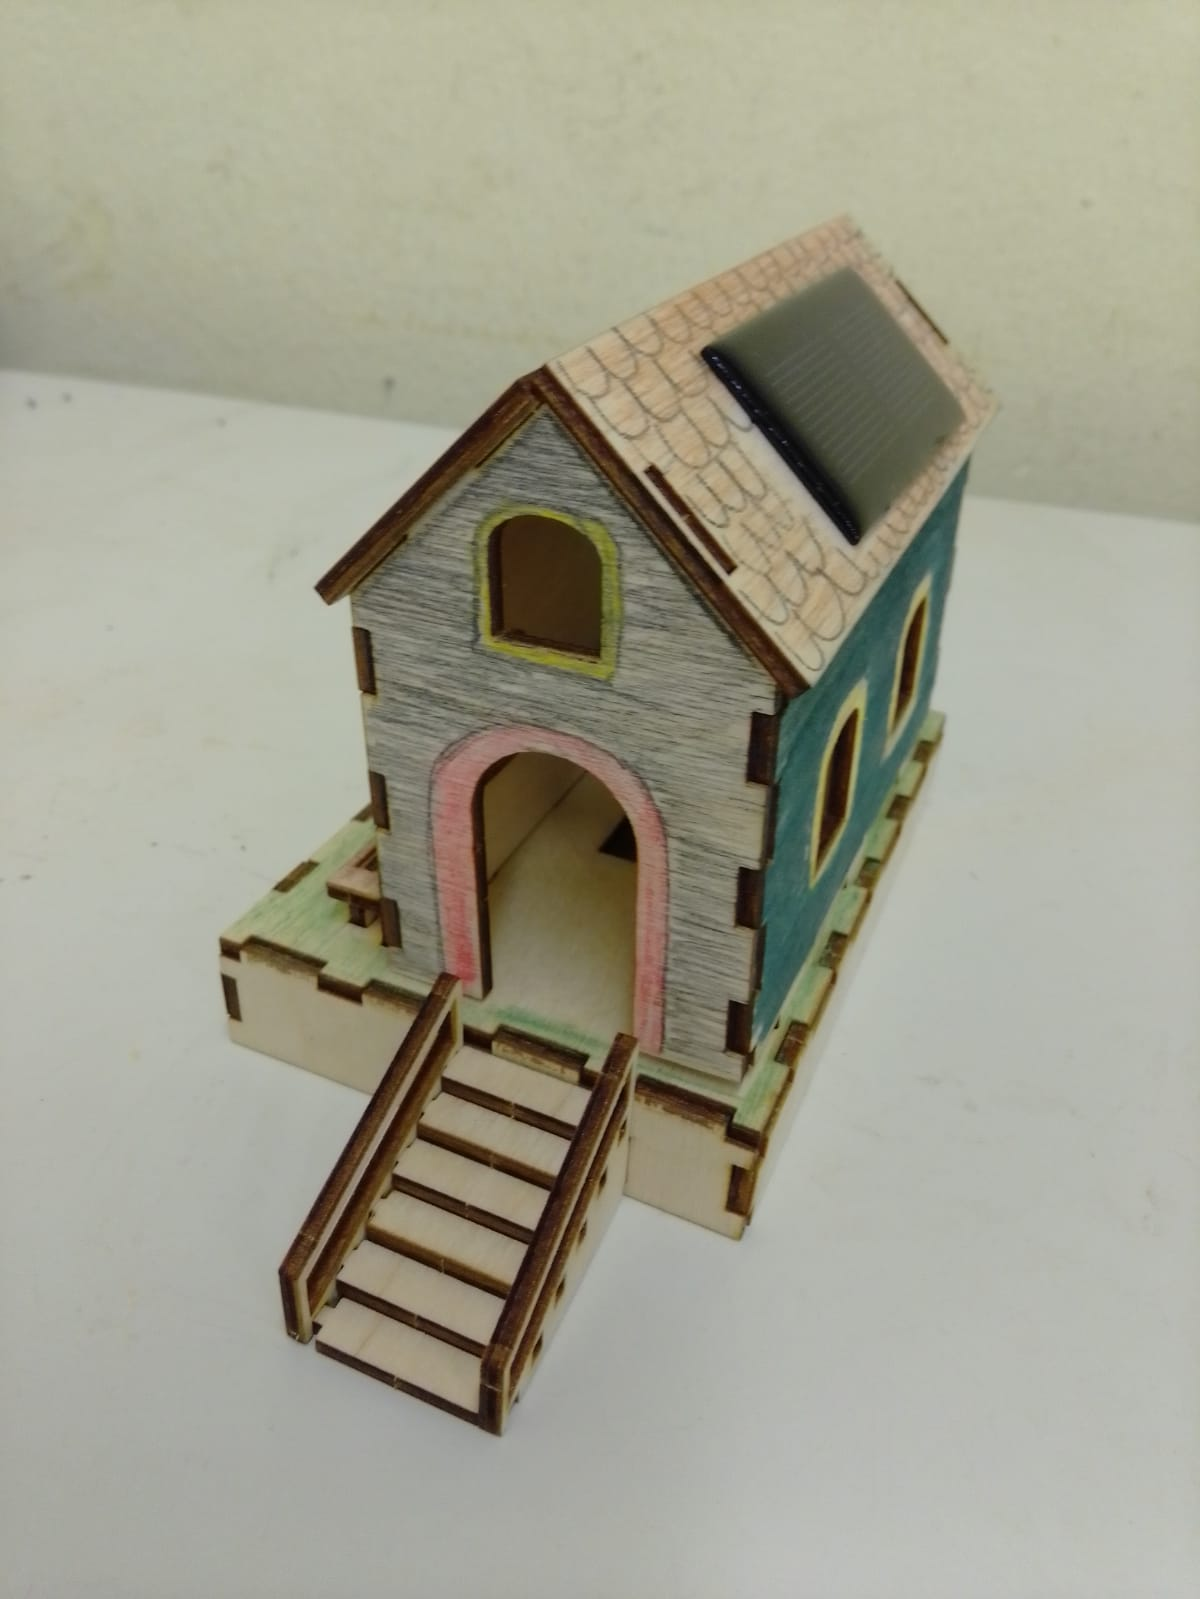 Ein Modell eines Hauses aus Holz. Es hat eine kleine Solarzelle auf dem Dach und ist bemalt